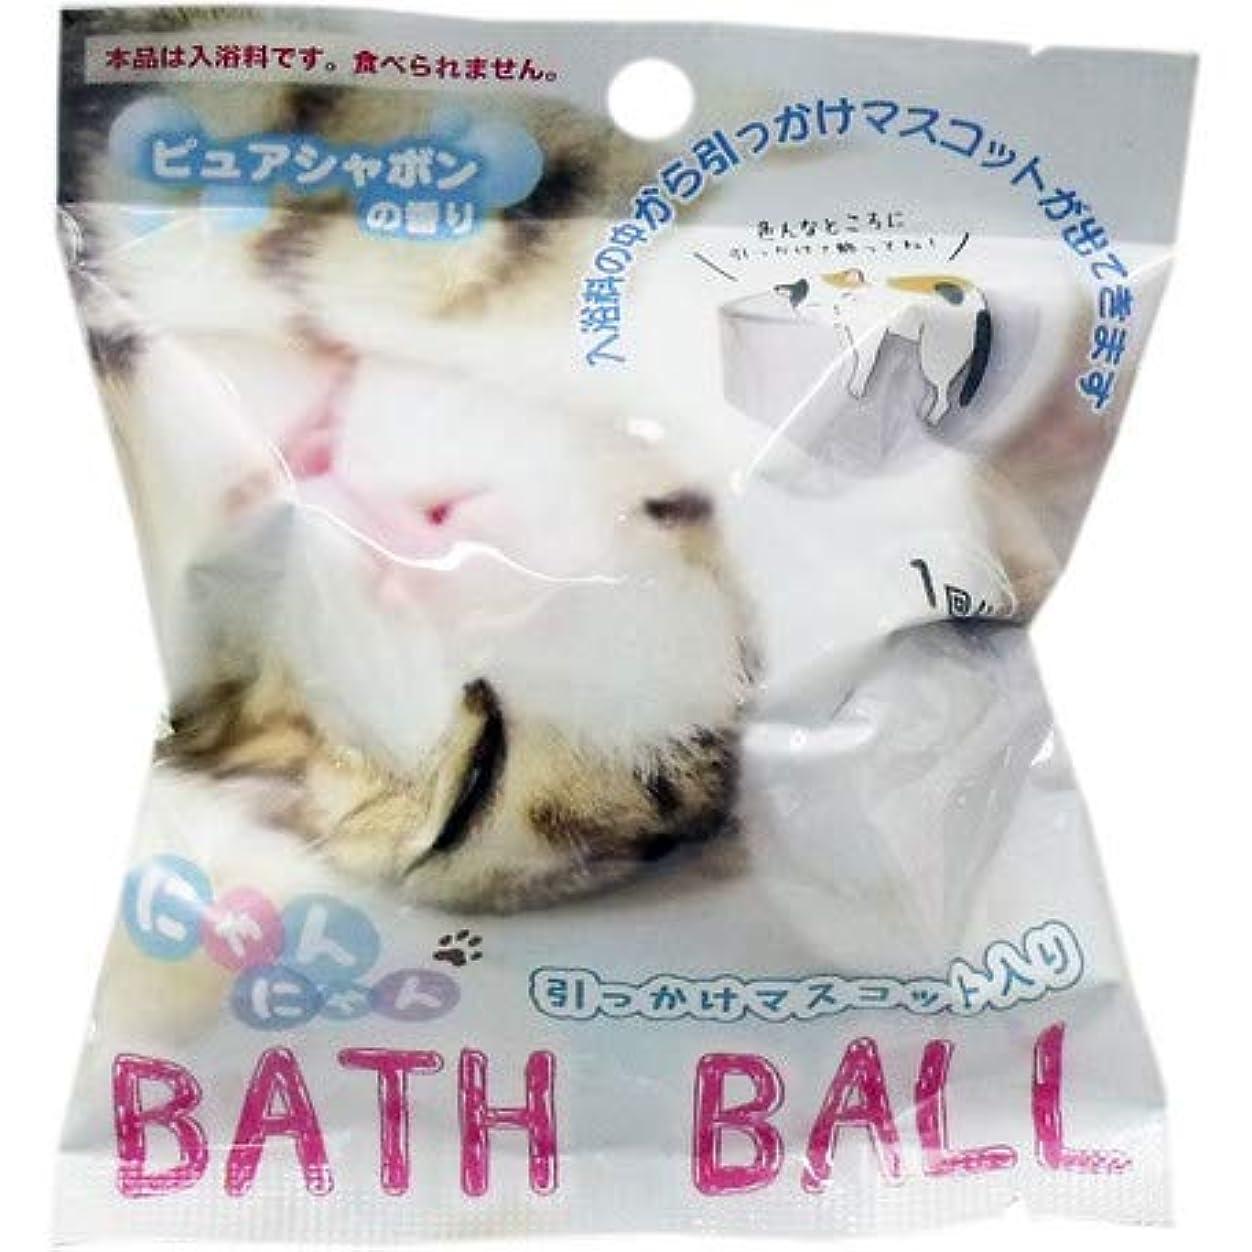 サイズ密接にジョリーにゃんにゃん引っかけマスコット入 猫のバスボール 6個1セット 入浴剤 発泡タイプ